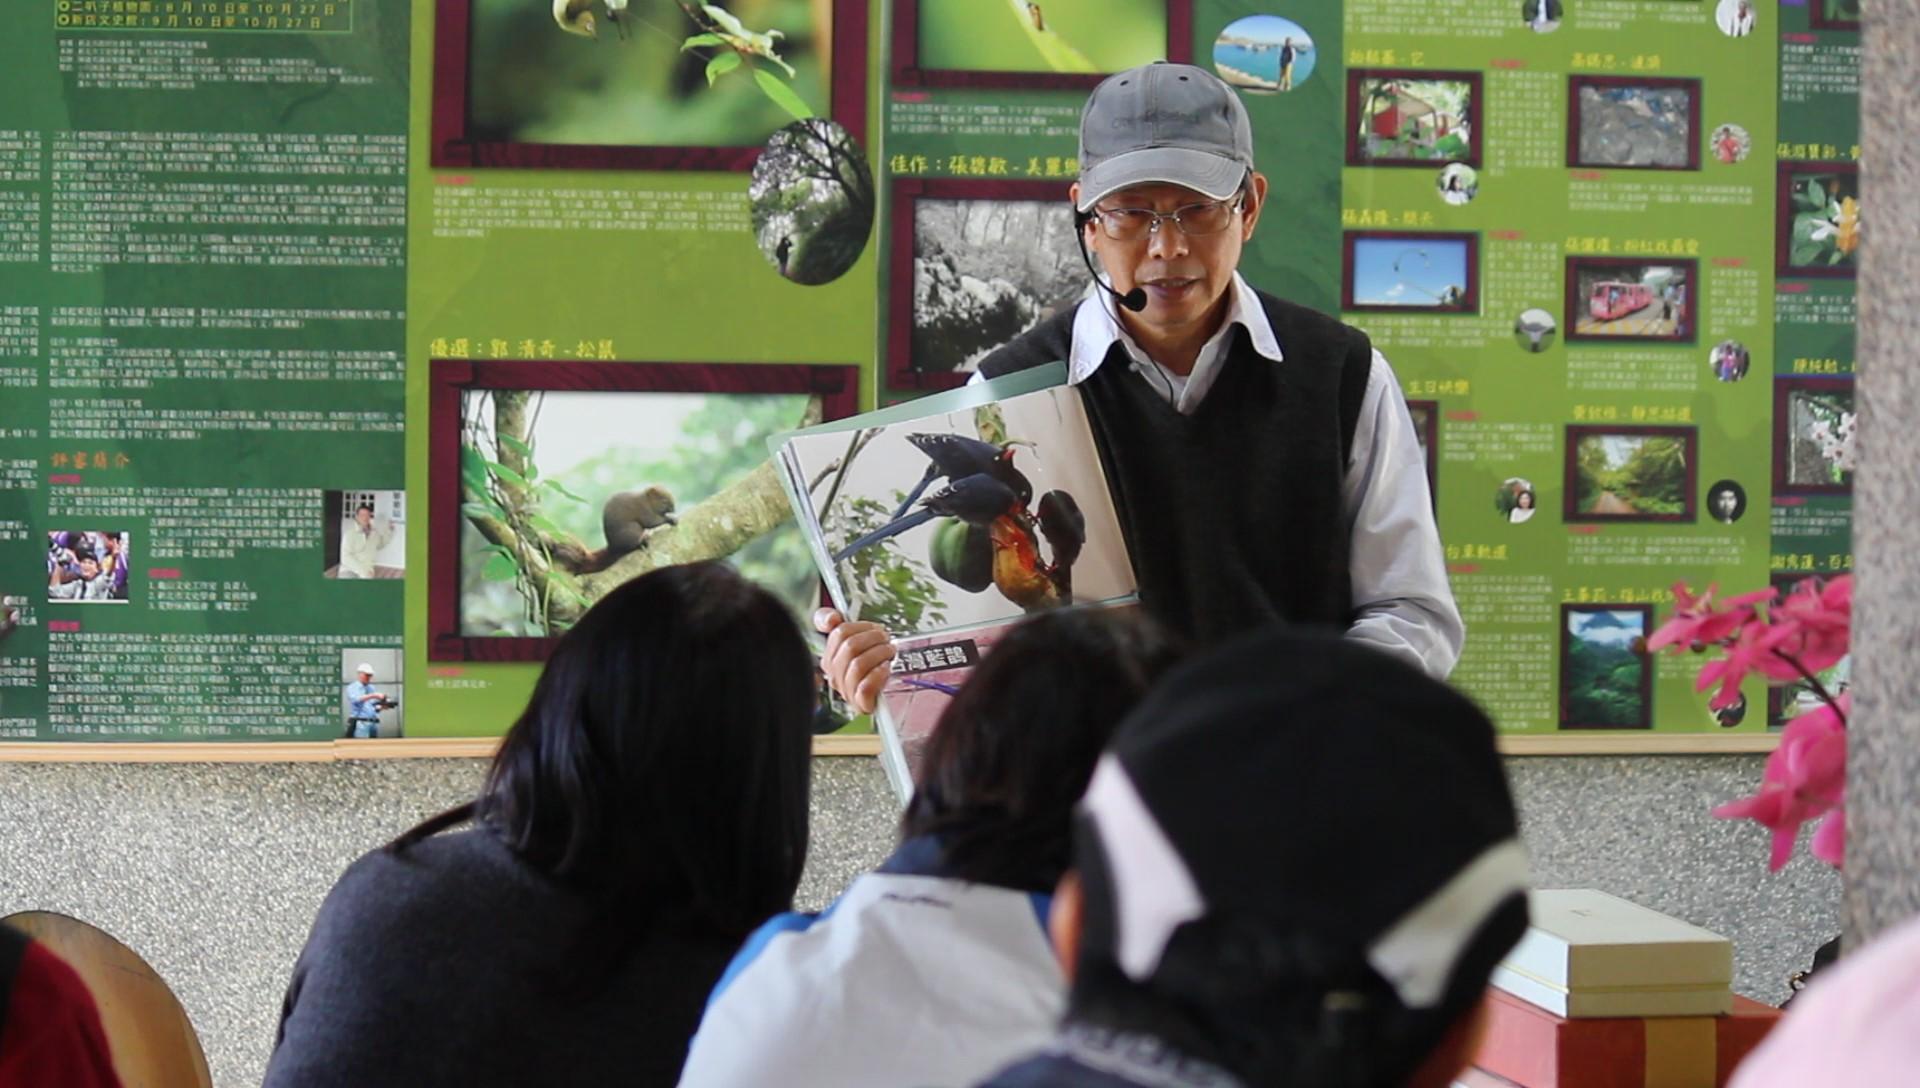 導覽員謝平進行區內的生態講解。攝影/蔡家愷